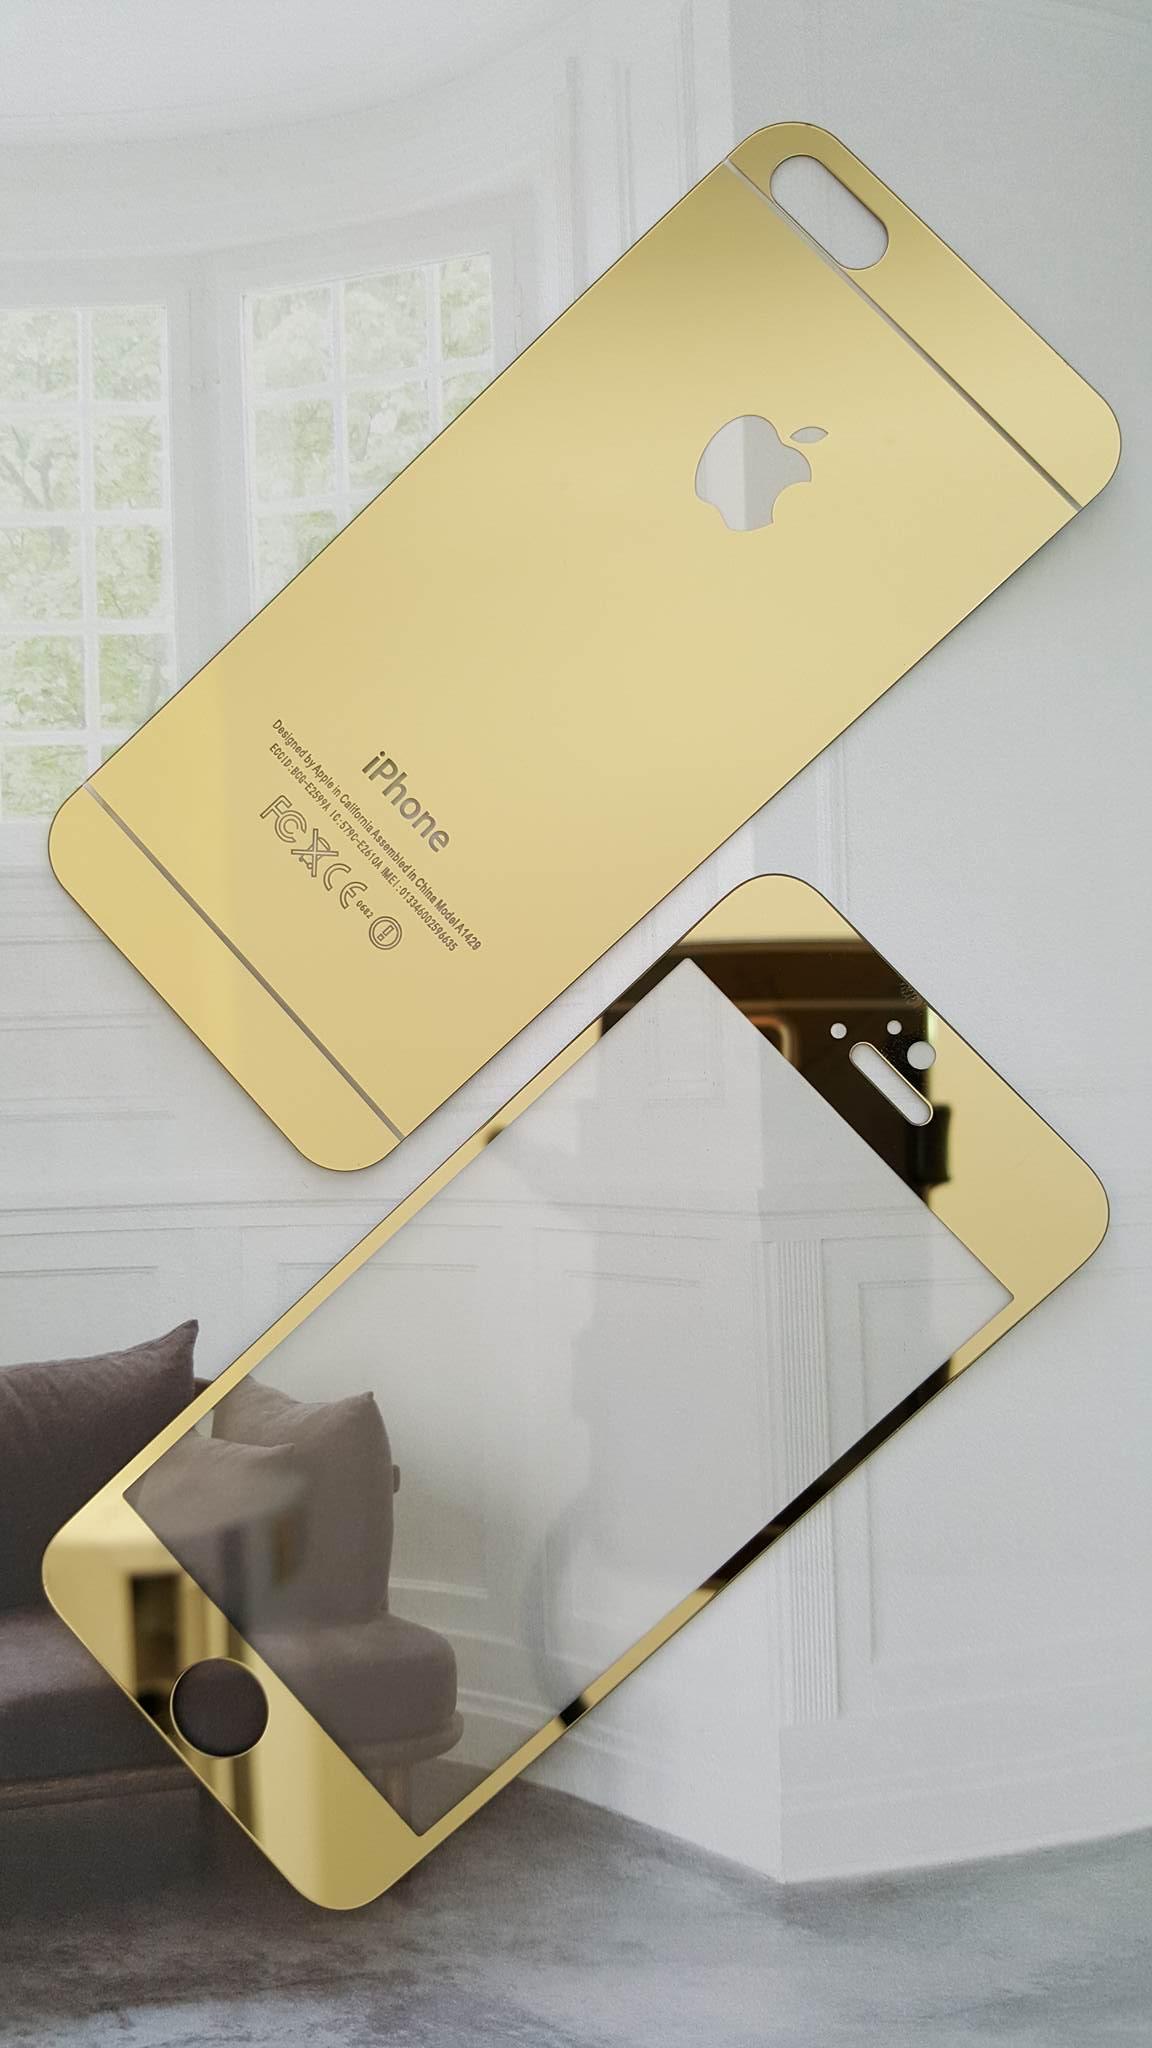 ฟิล์มกระจก iPhone5/5s/SE แบบกระจกสะท้อน